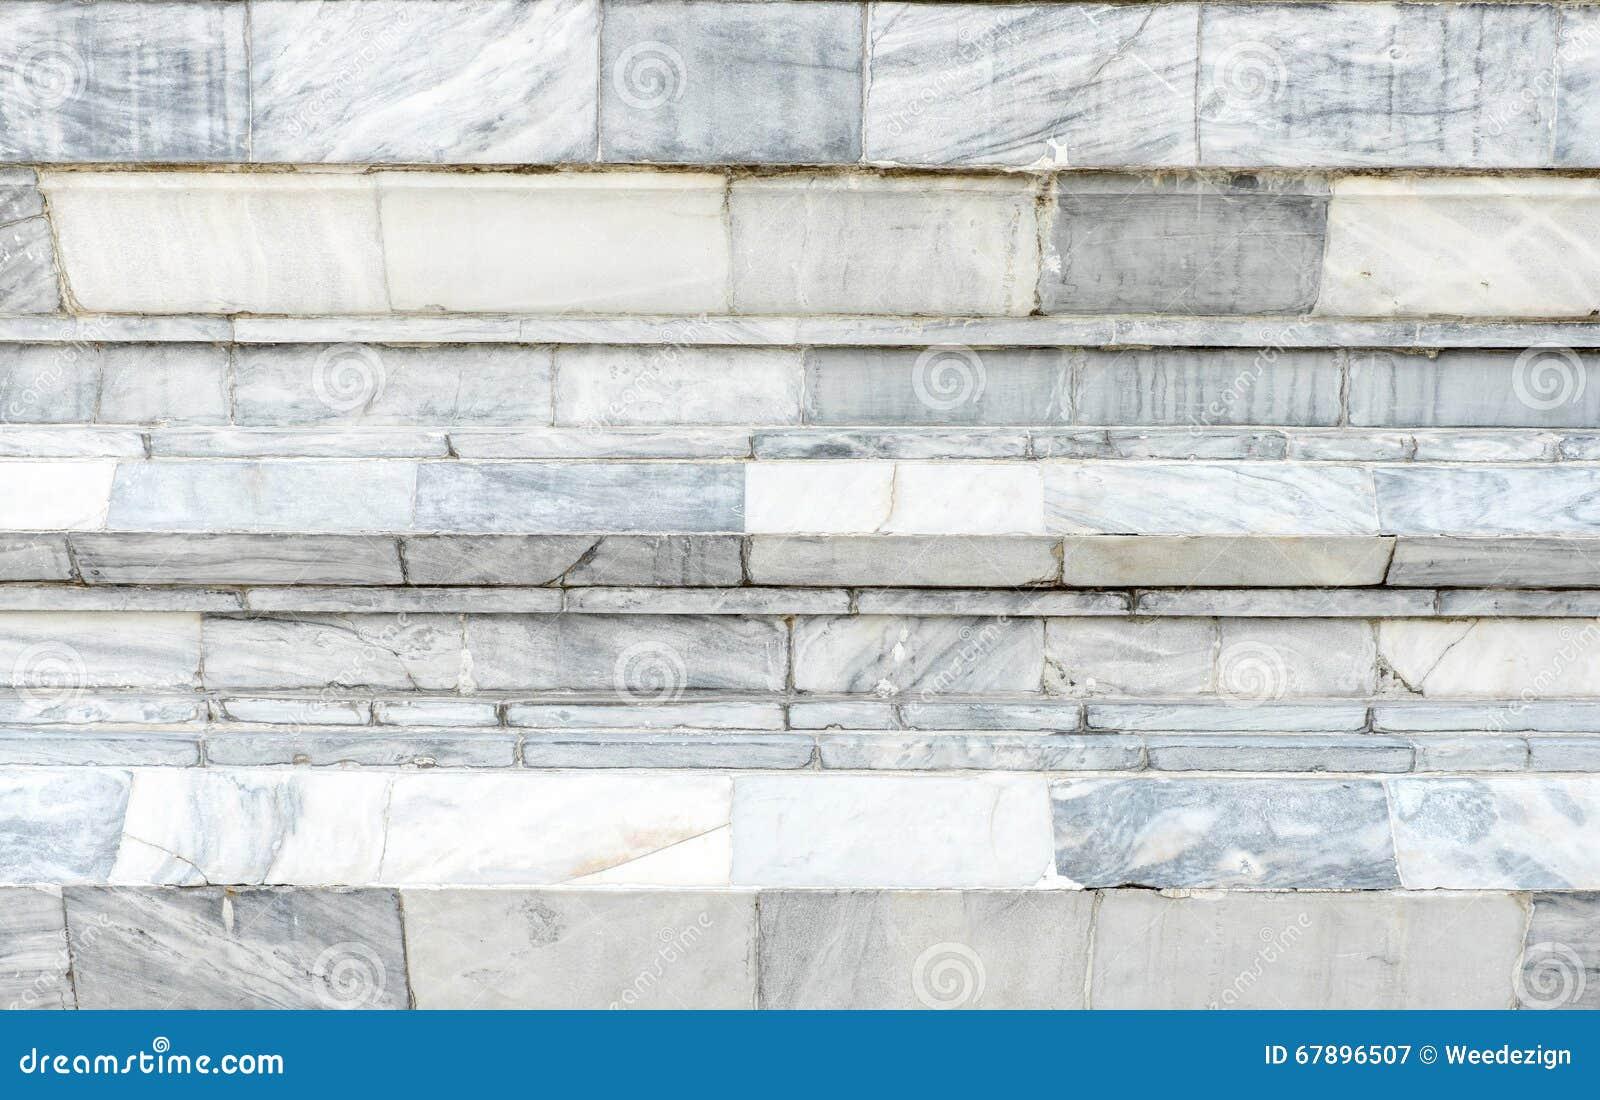 大理石层数块纹理背景